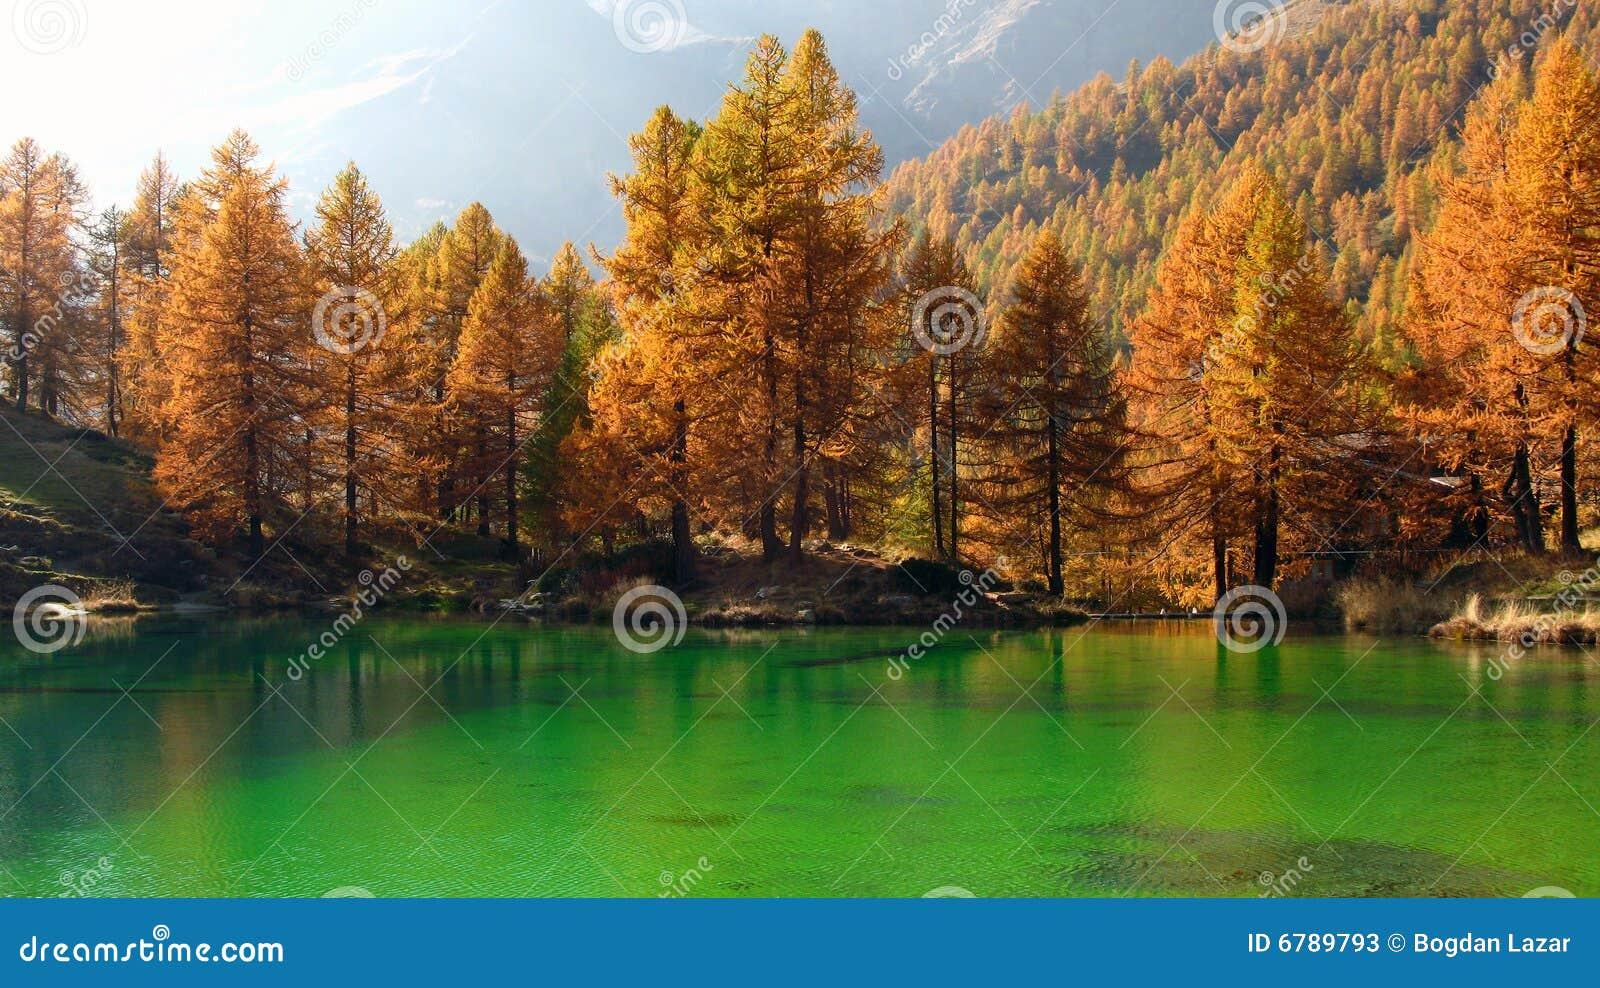 Alpine Lake in autumn, Breuil-Cervinia, Italy